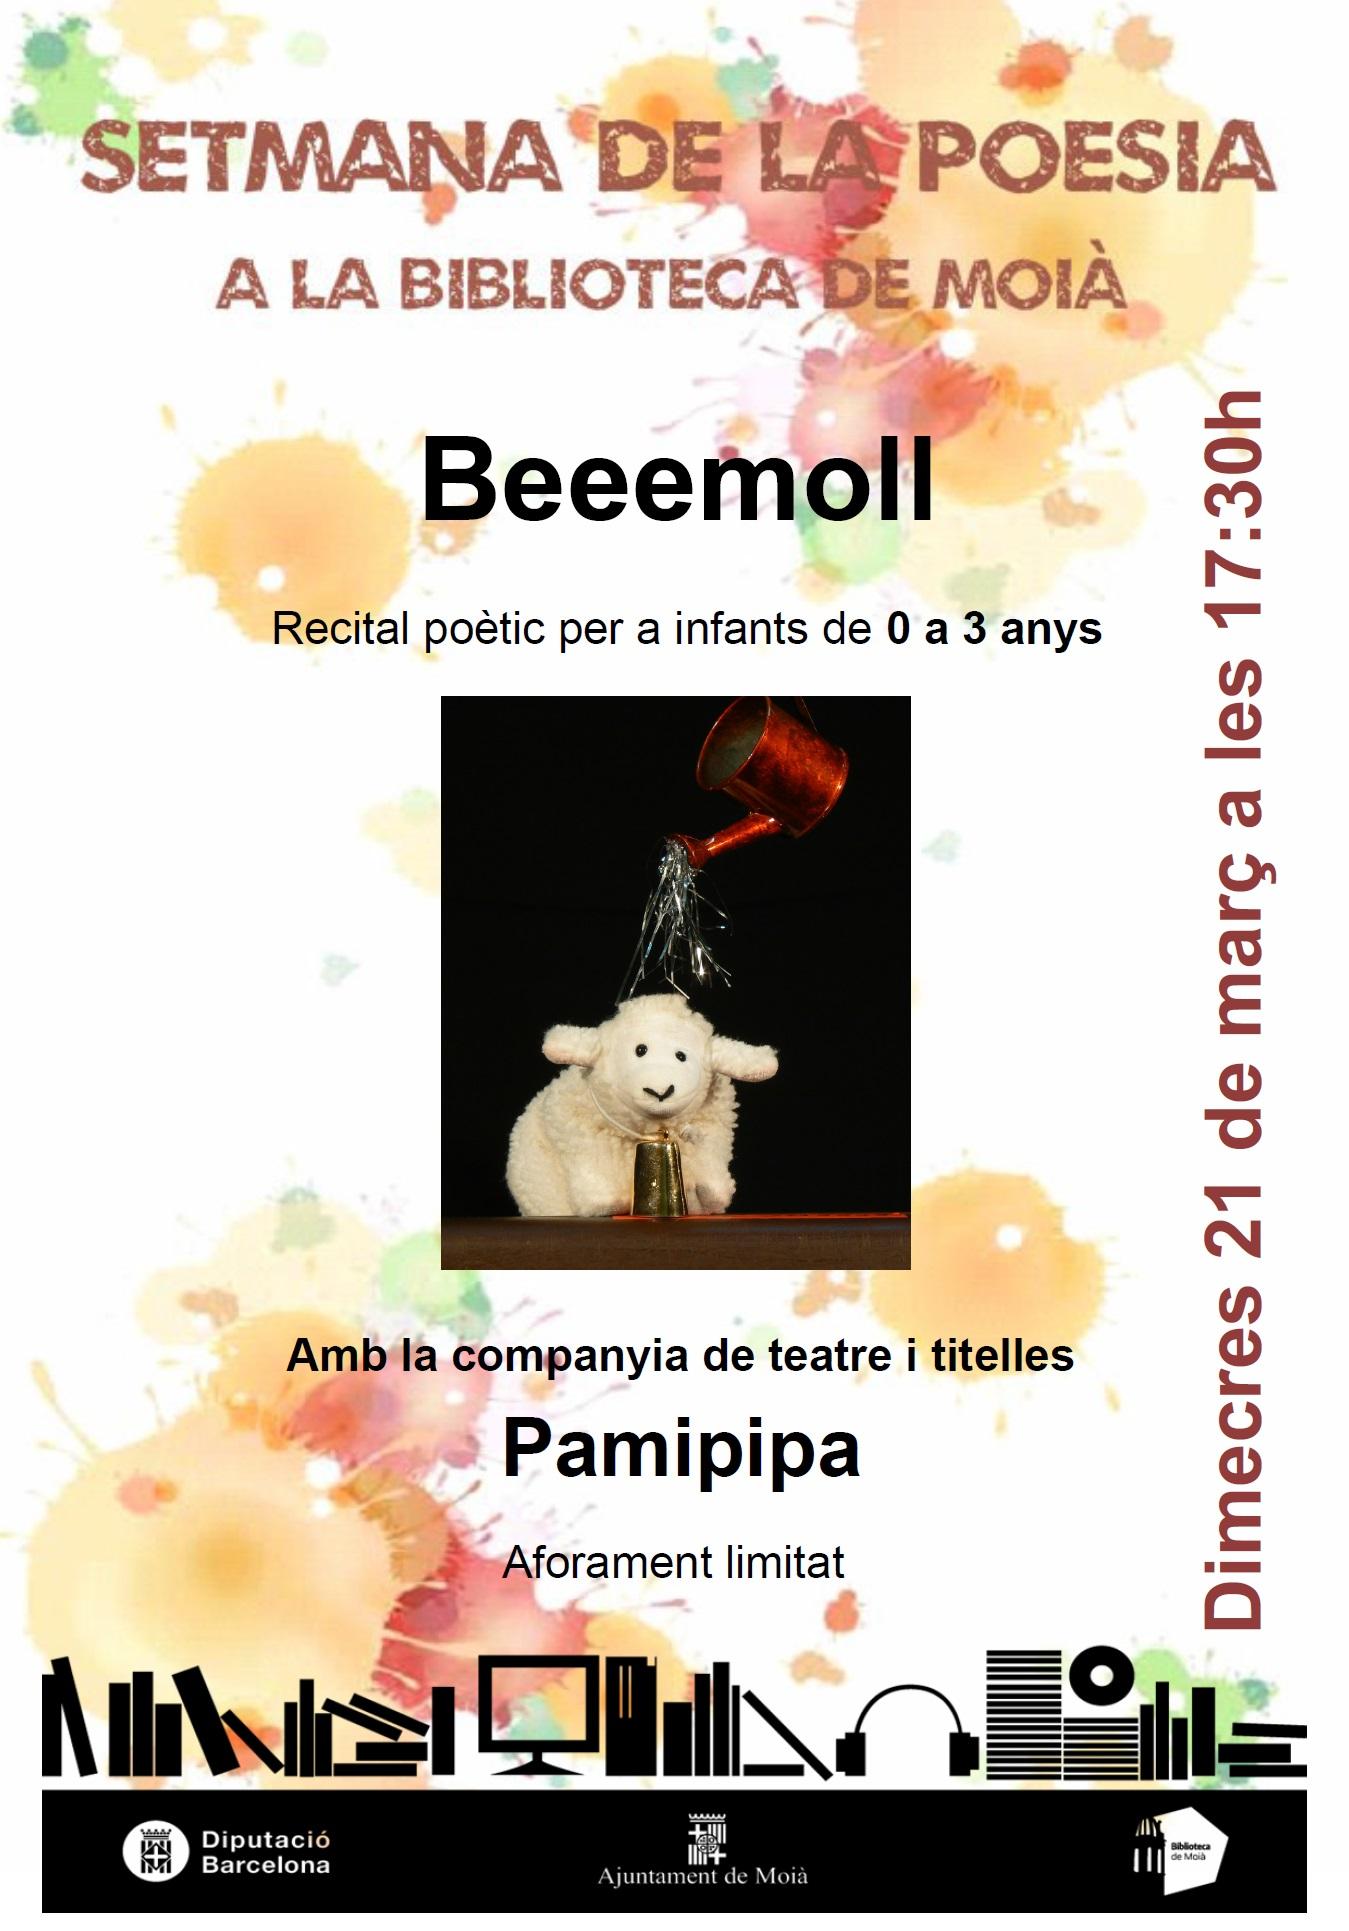 Beeemoll